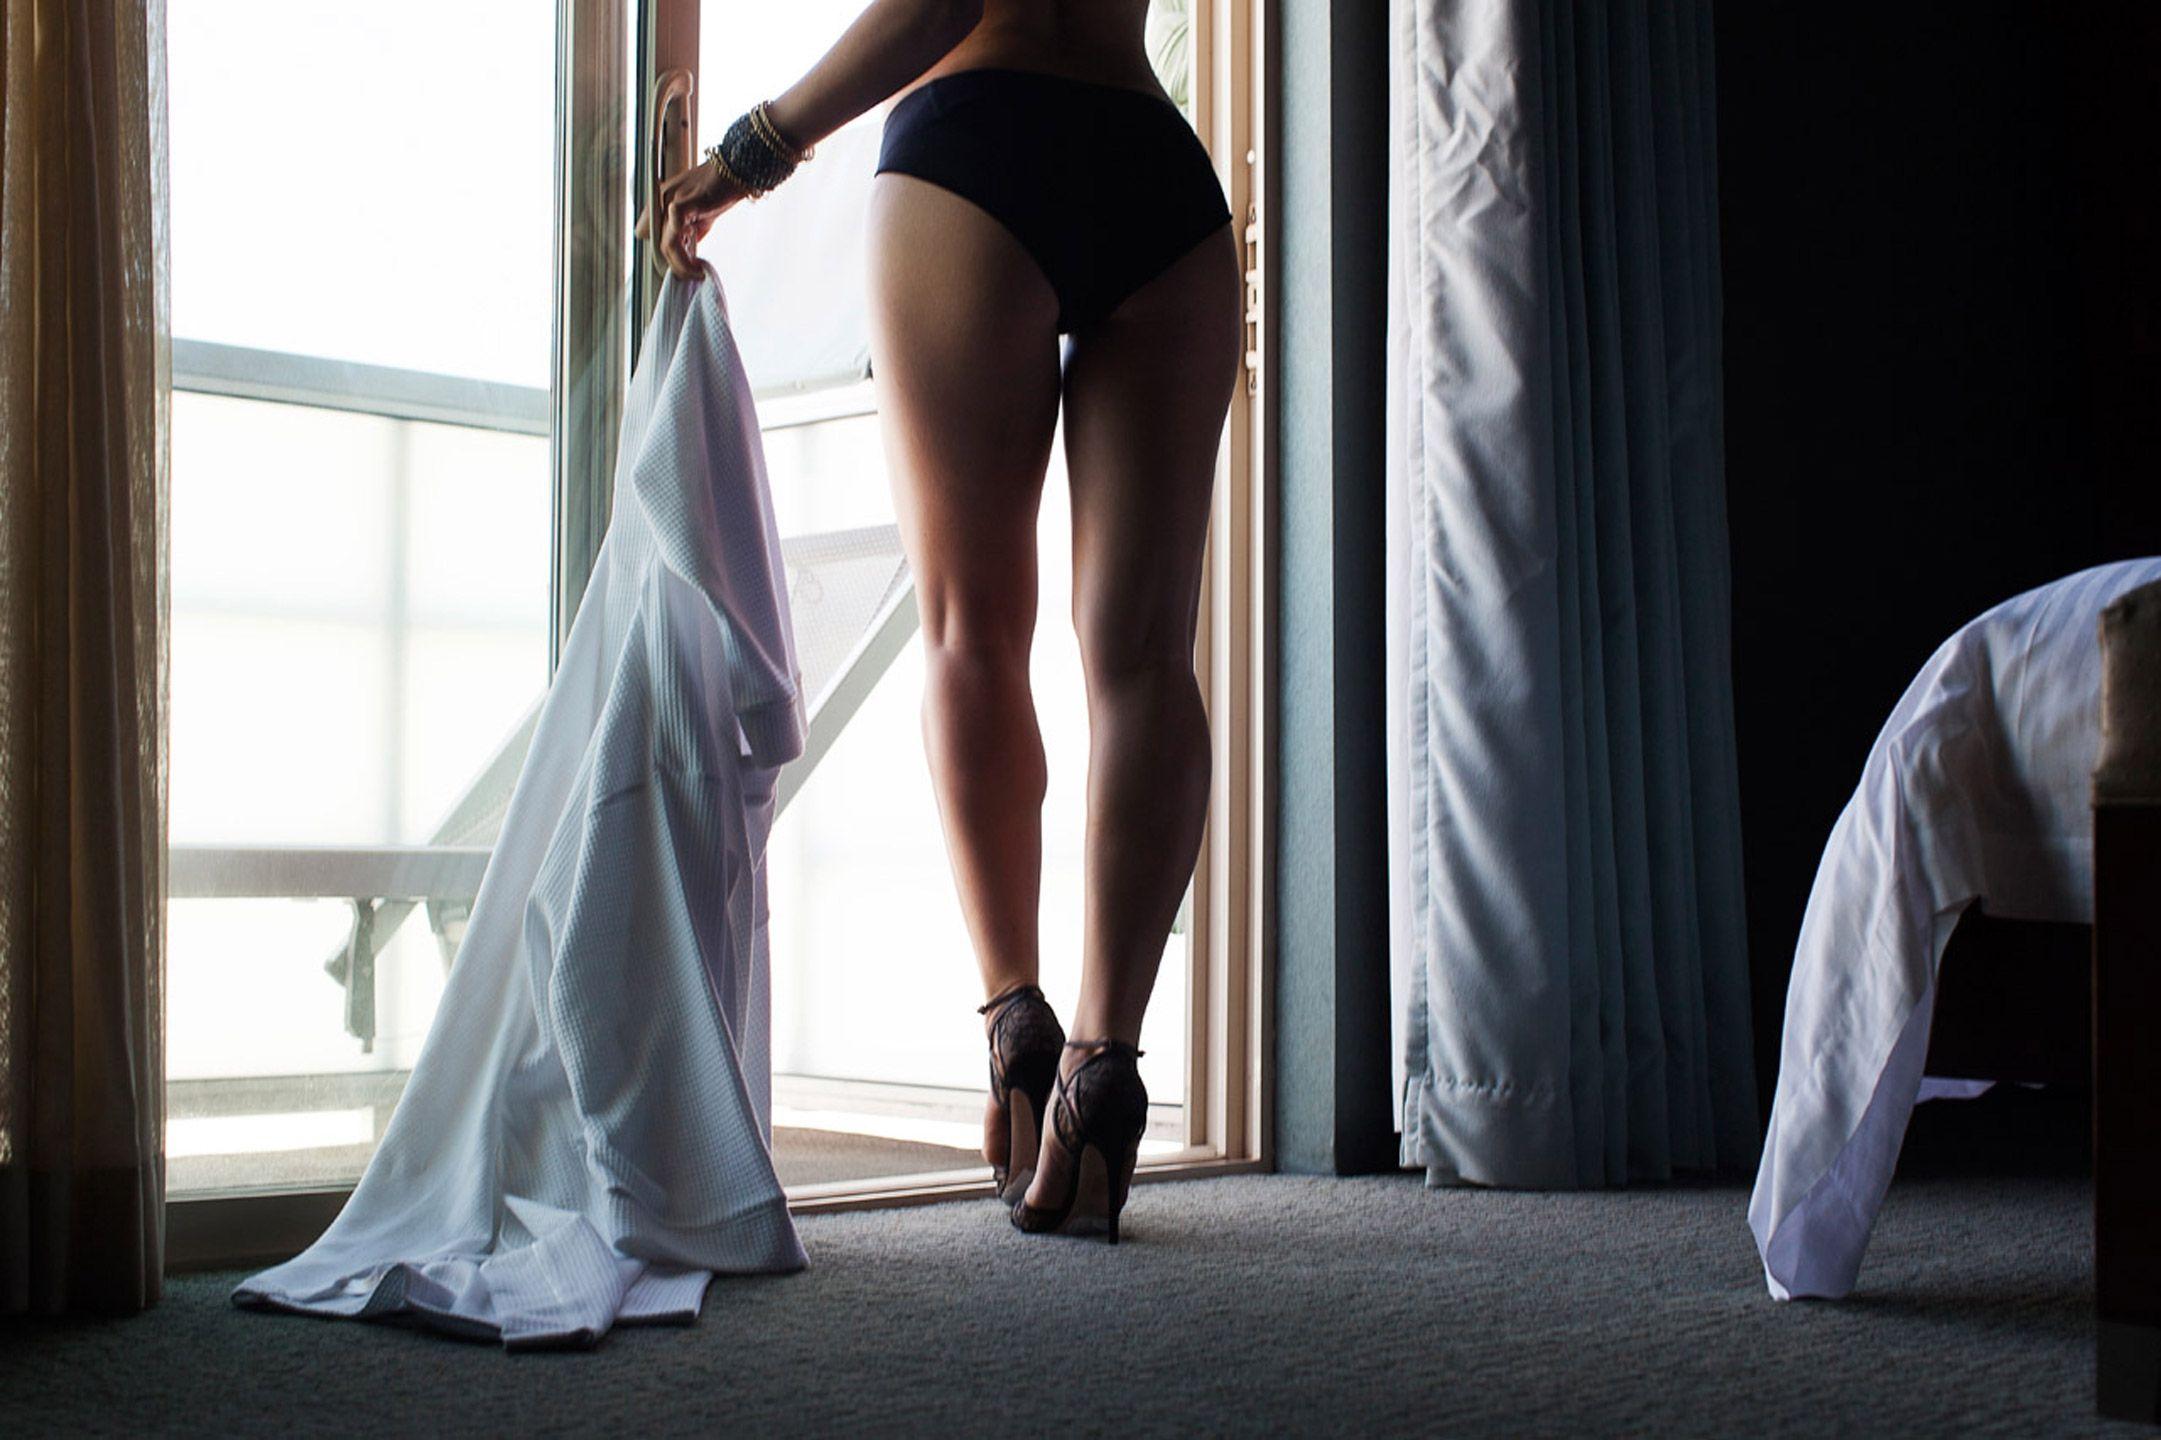 Amanda Cerny Topless Pics